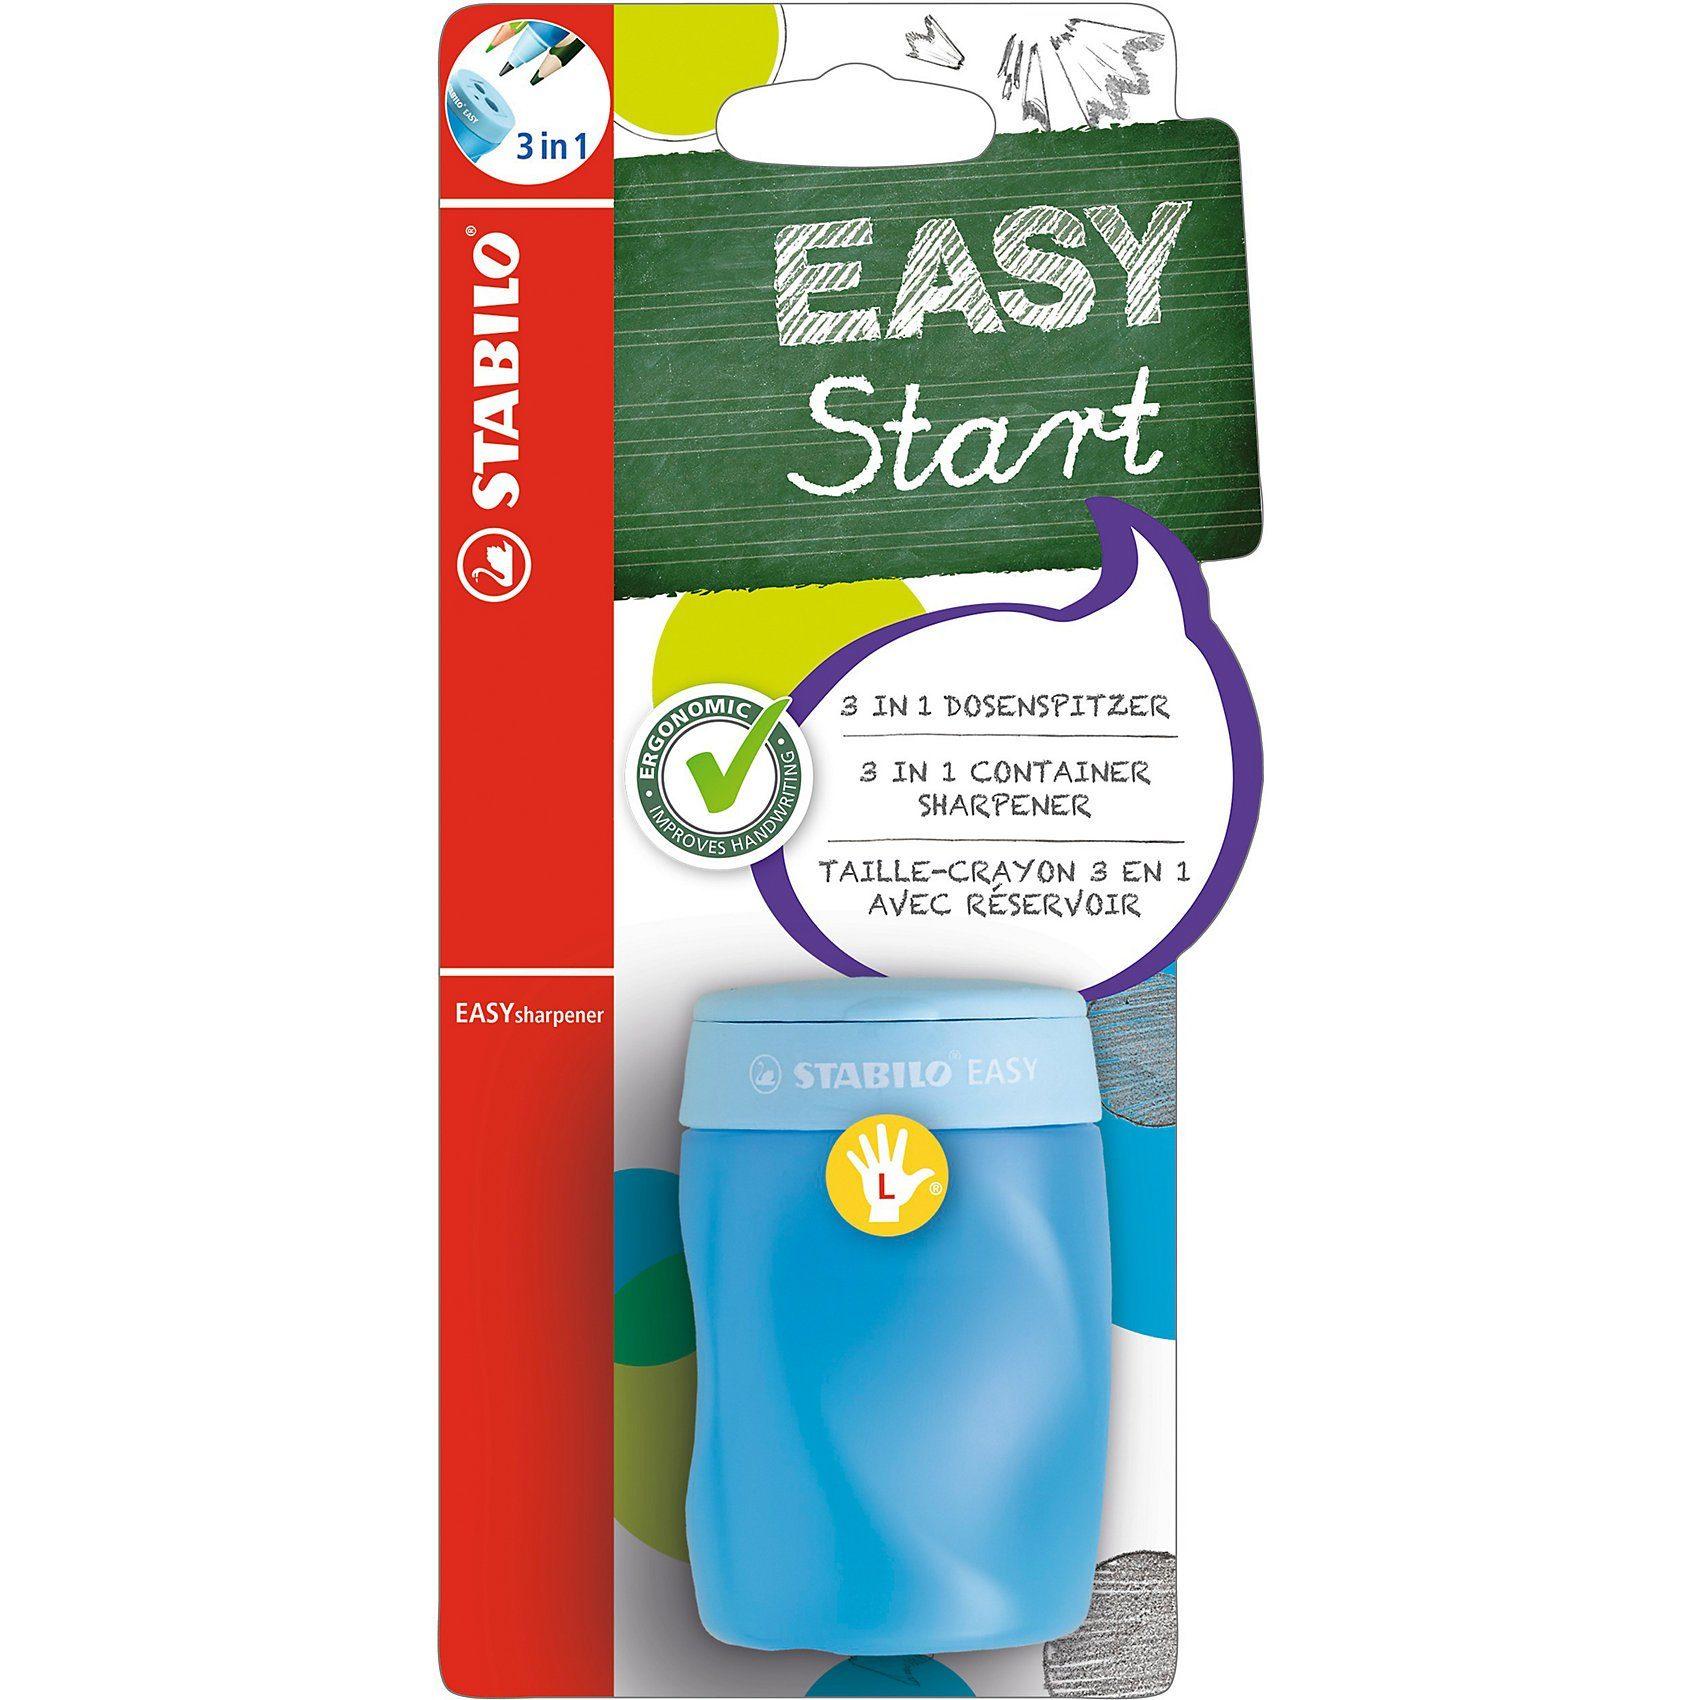 Stabilo Dosenspitzer EASYsharpener 3 in 1 für Linkshänder blau